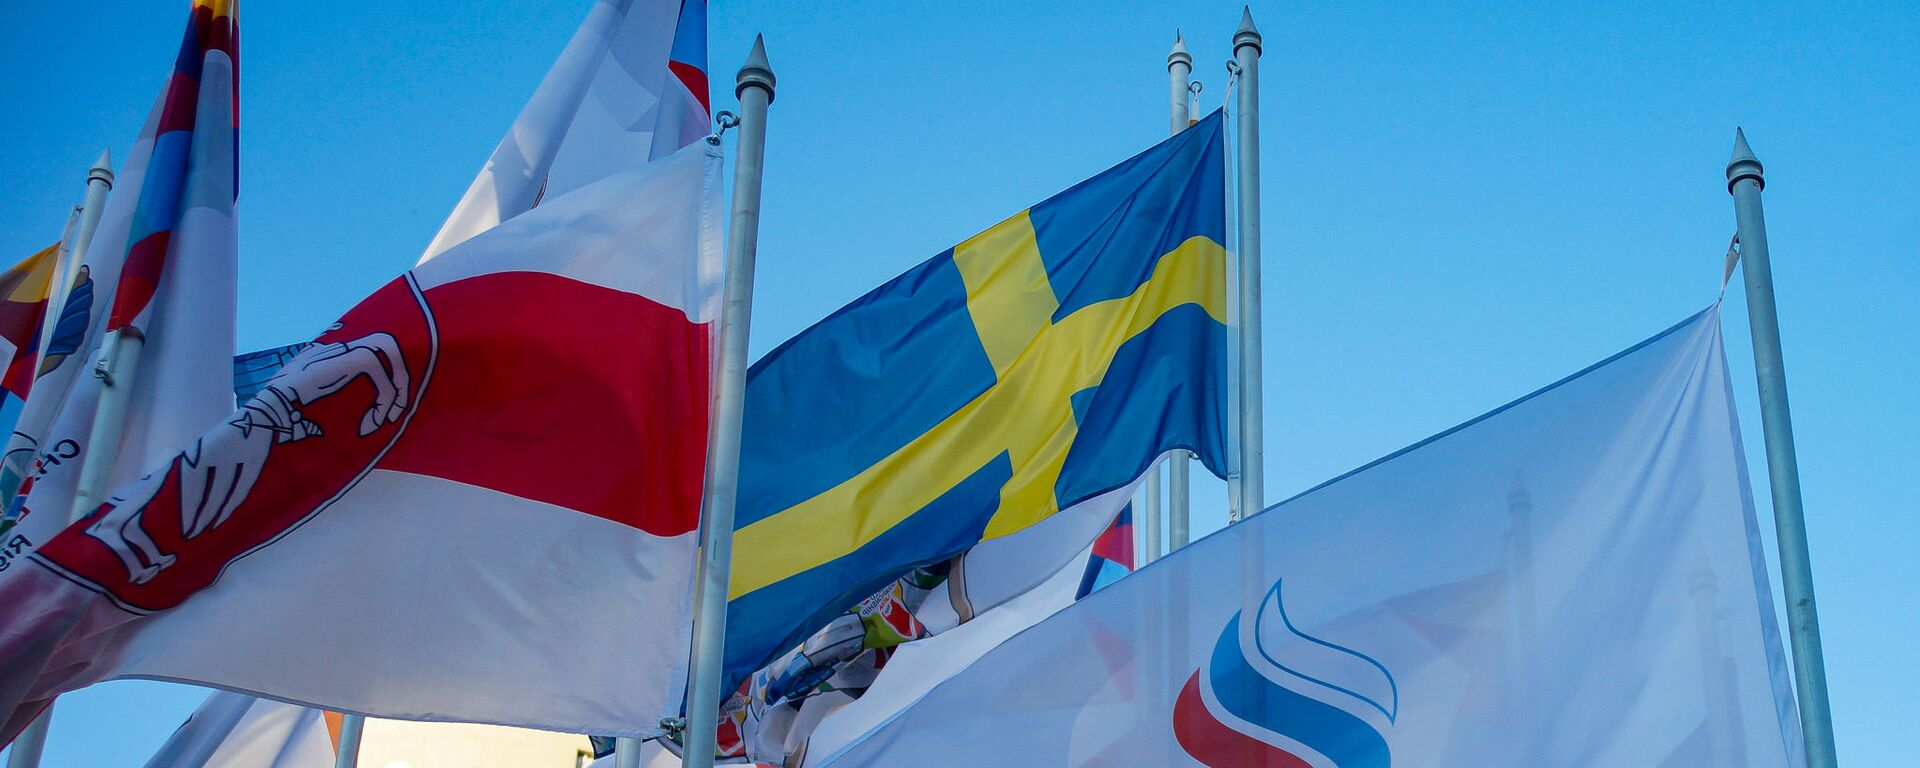 На флагштоках у гостиницы, где проживают хоккеисты сборных-участниц ЧМ-2021, сняли флаги Беларуси и России и заменили на флаги белорусской оппозиции и Олимпийского комитета России - Sputnik Латвия, 1920, 25.05.2021